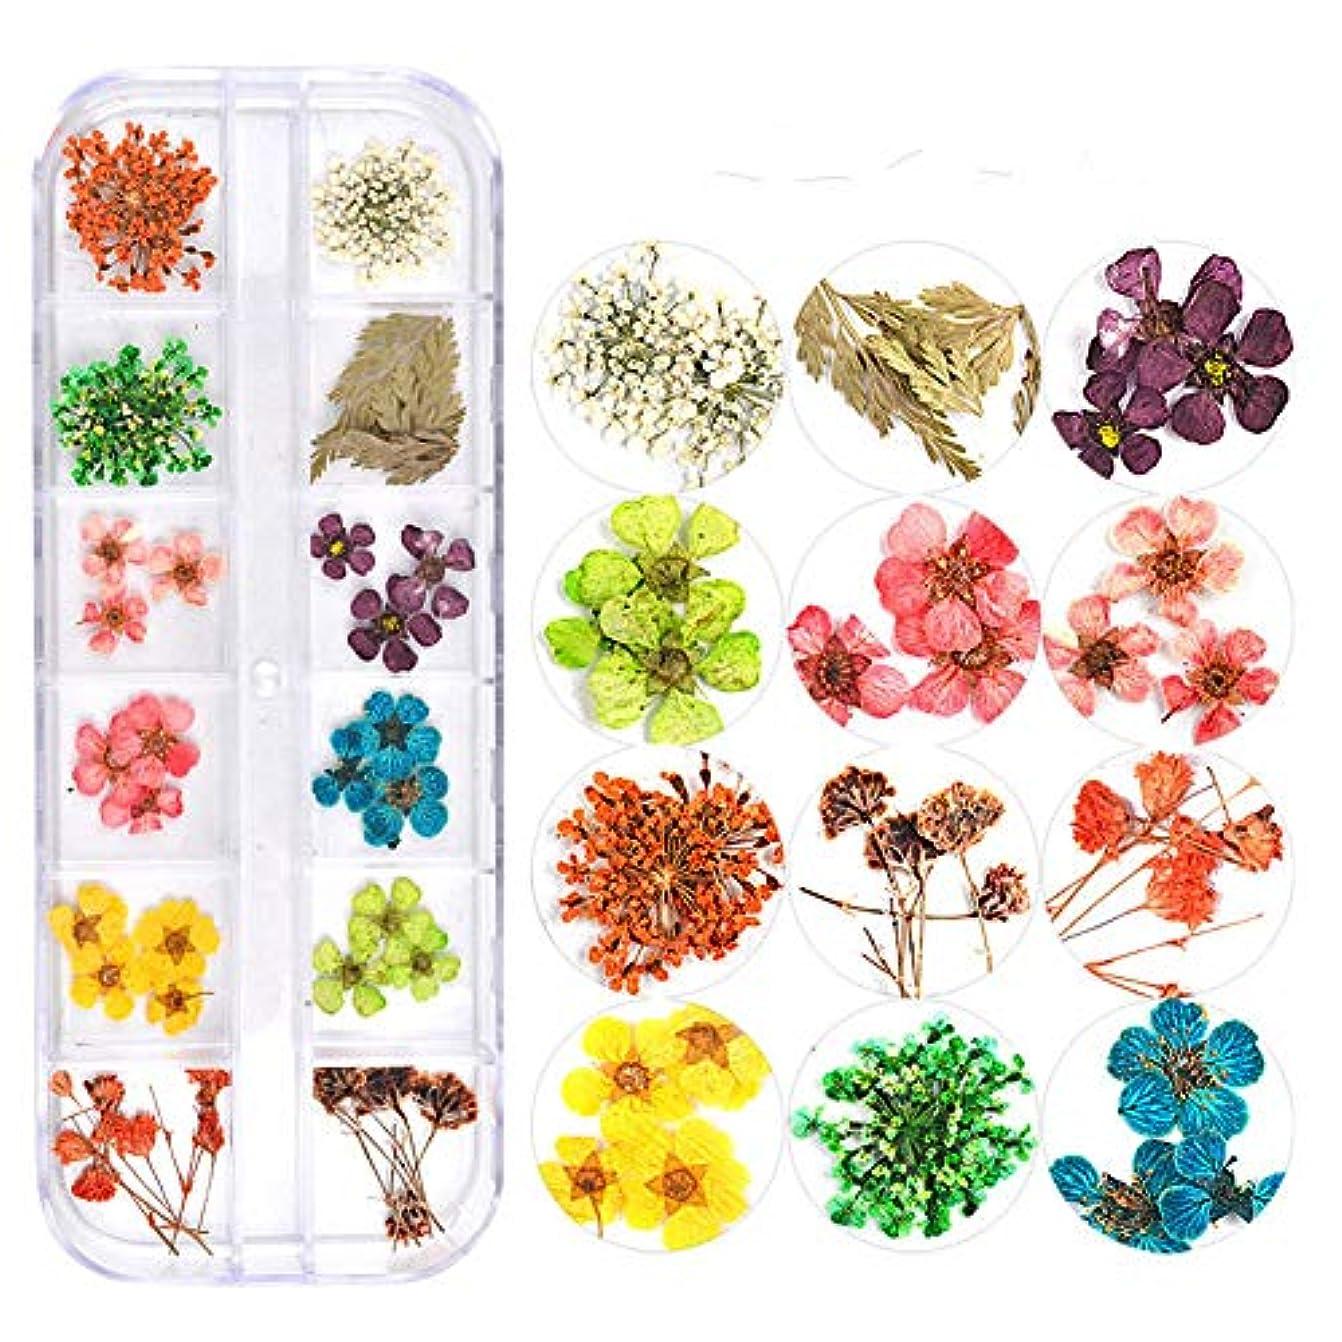 弾力性のある戻る延ばす押し花 ドライフラワー 3Dネイル レジンデコレーション DIYデコレーション飾り用品 (3)